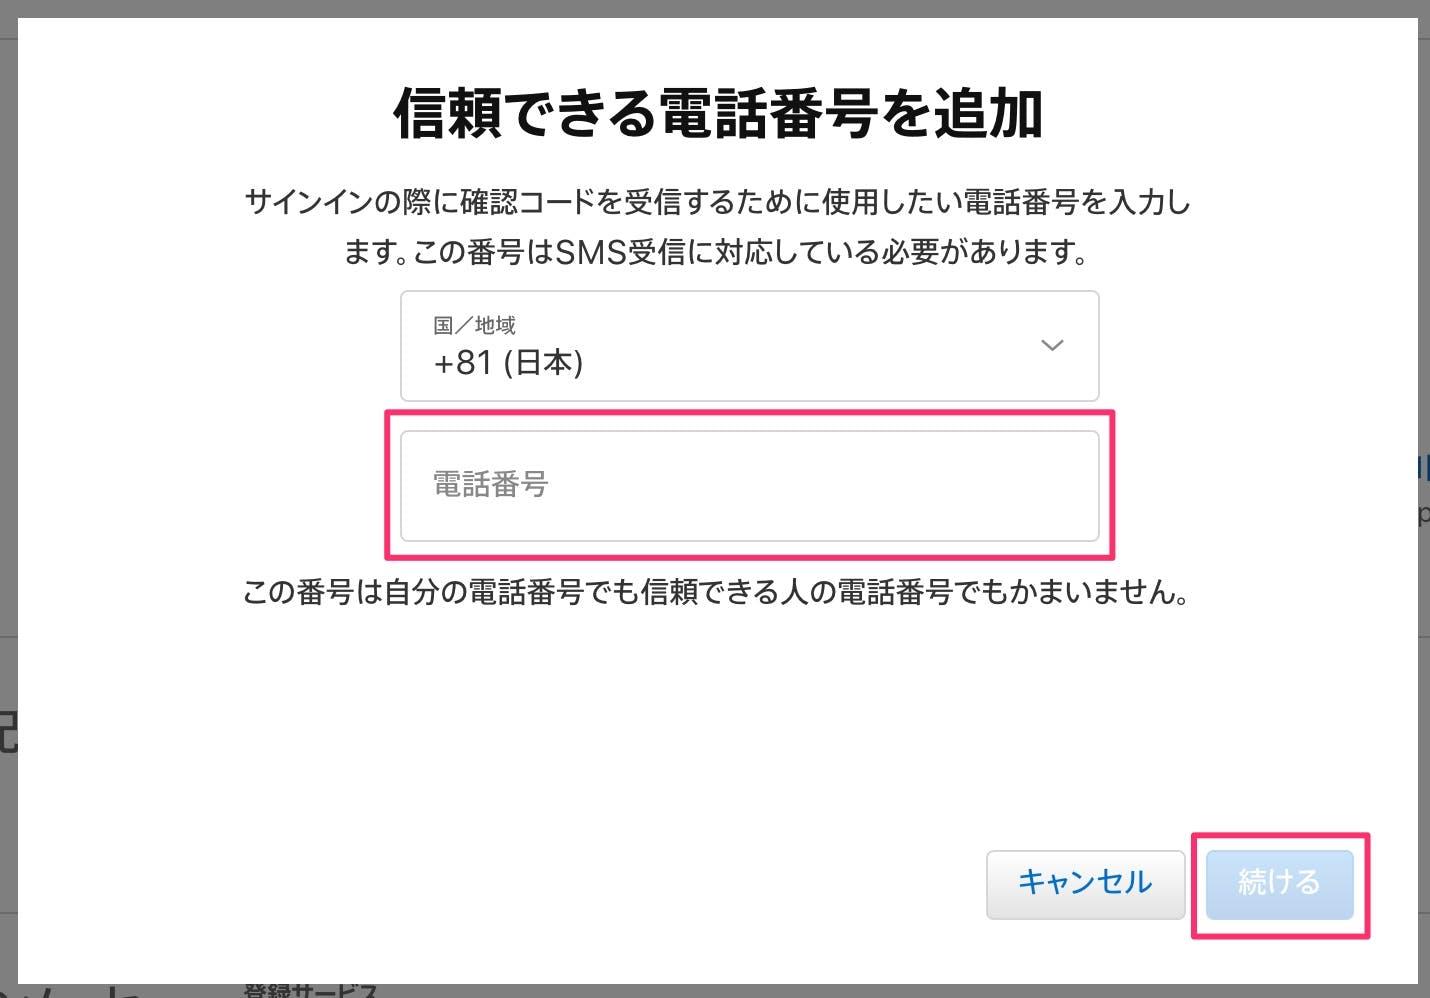 スクリーンショット_2019-09-04_11_56_16.jpg